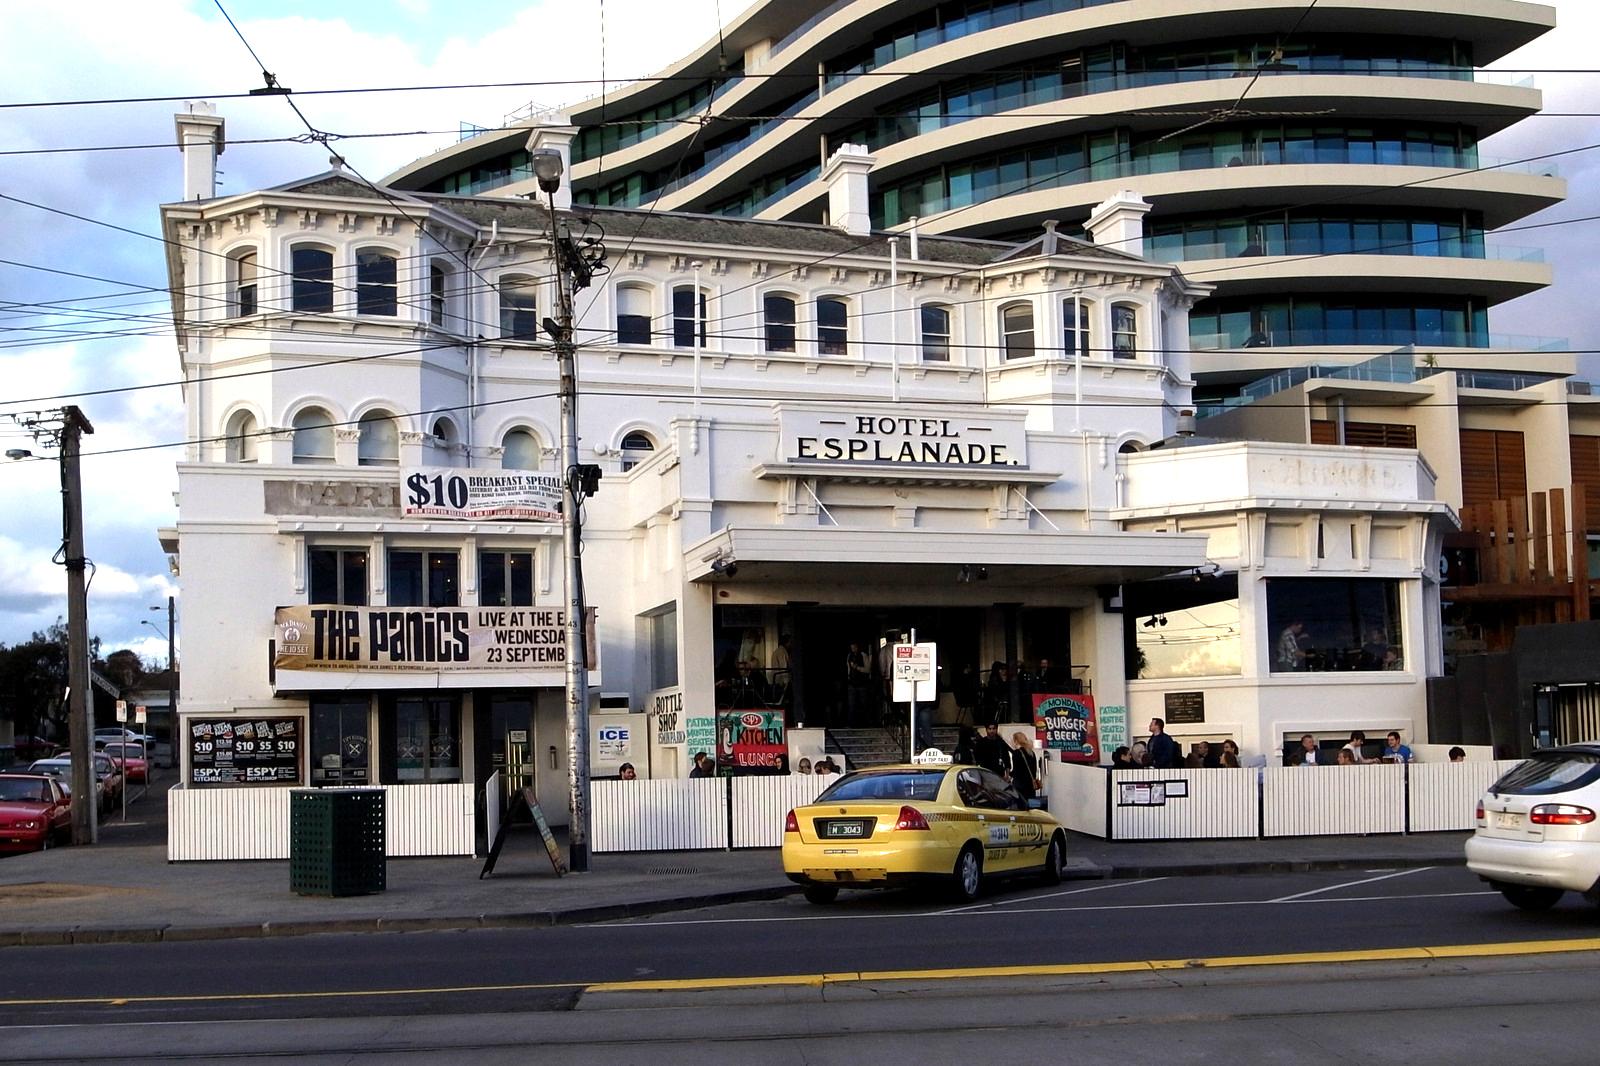 The Esplanade Hotel exterior